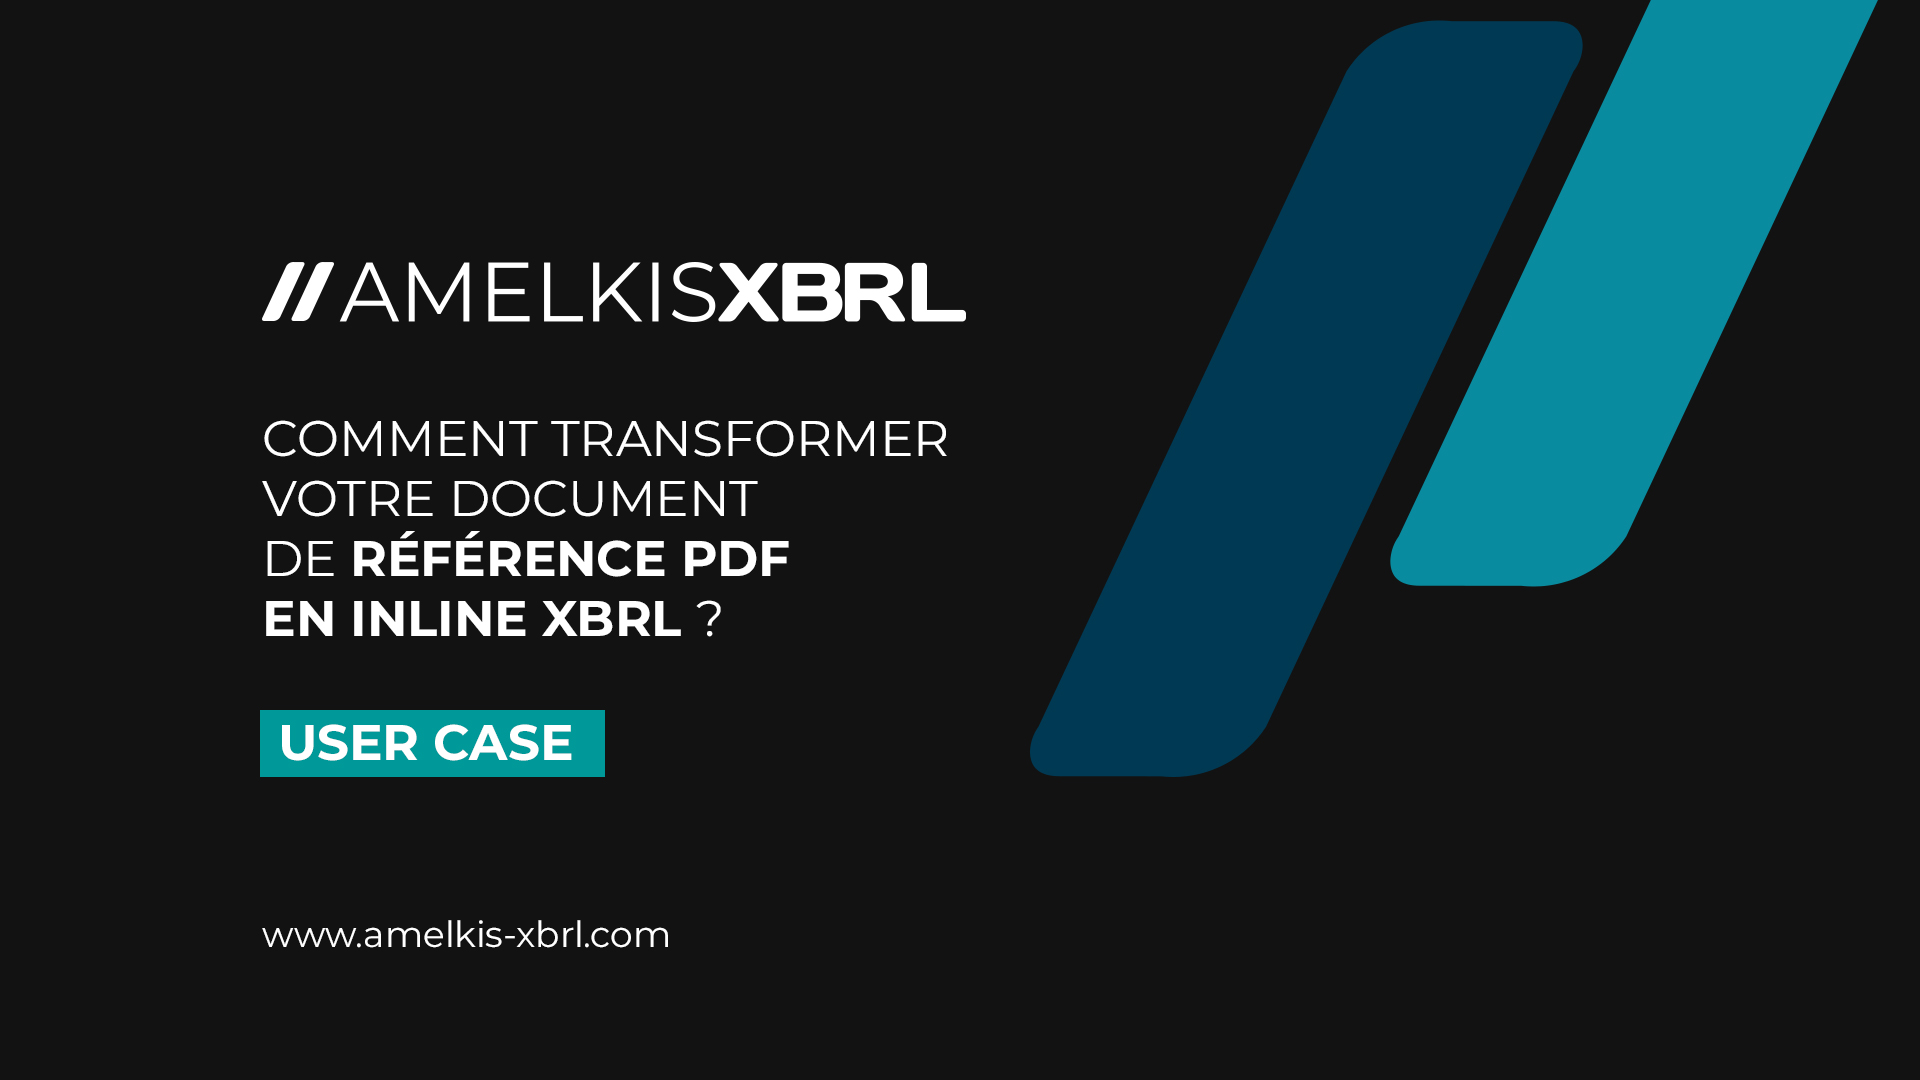 Comment réaliser un document de référence InlineXBRL dans la solution Amelkis XBRL?